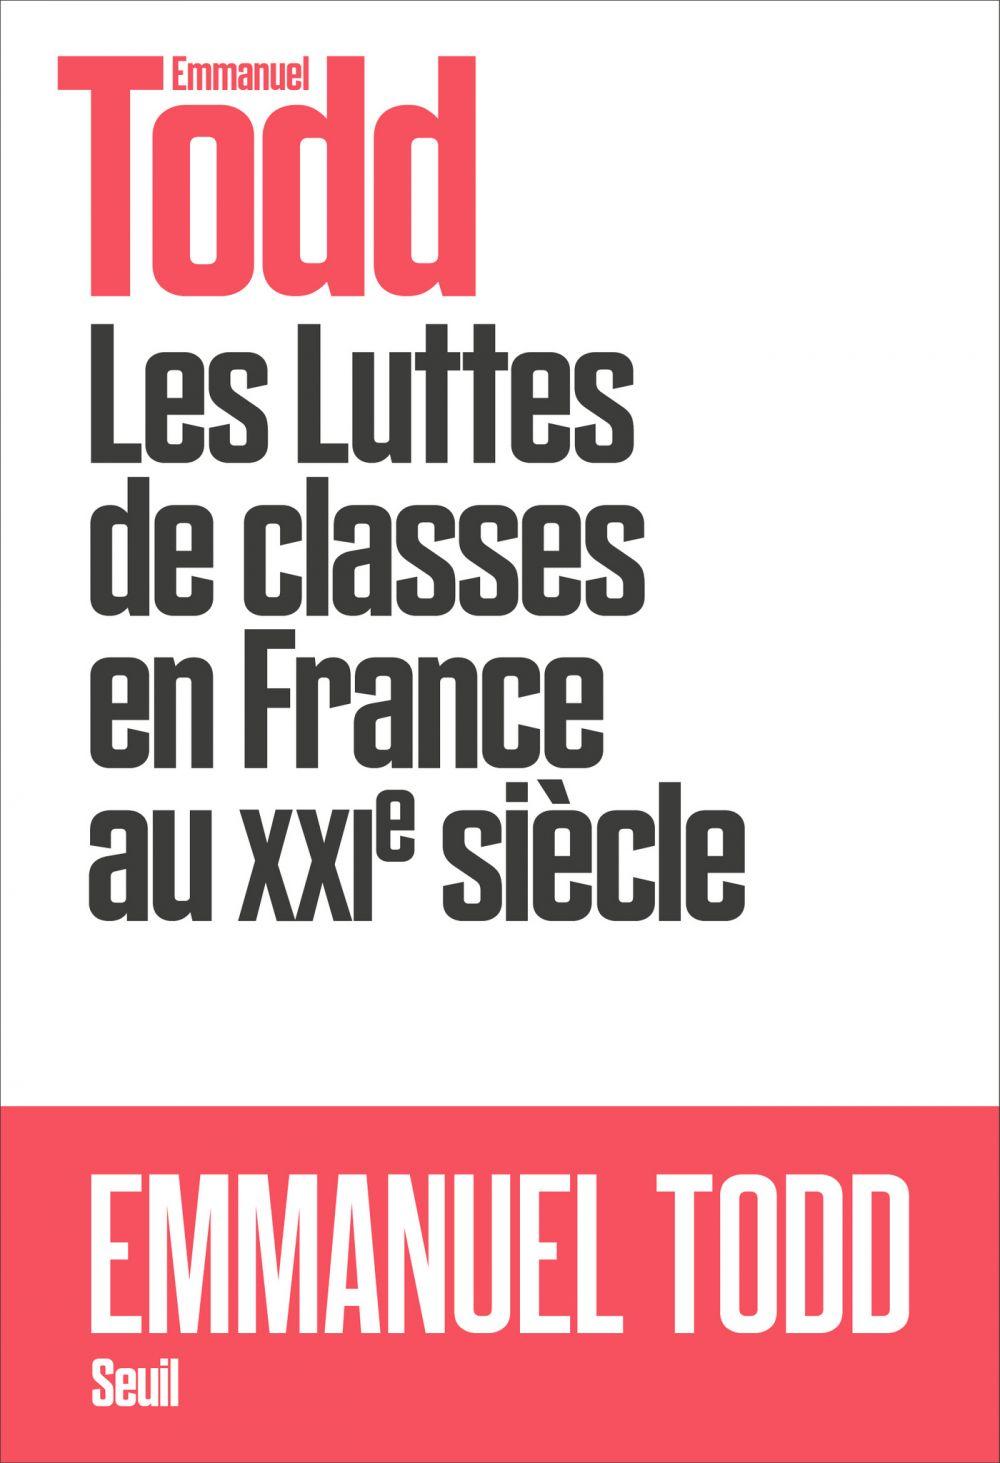 Les Luttes de classes en France au XXIe siècle |